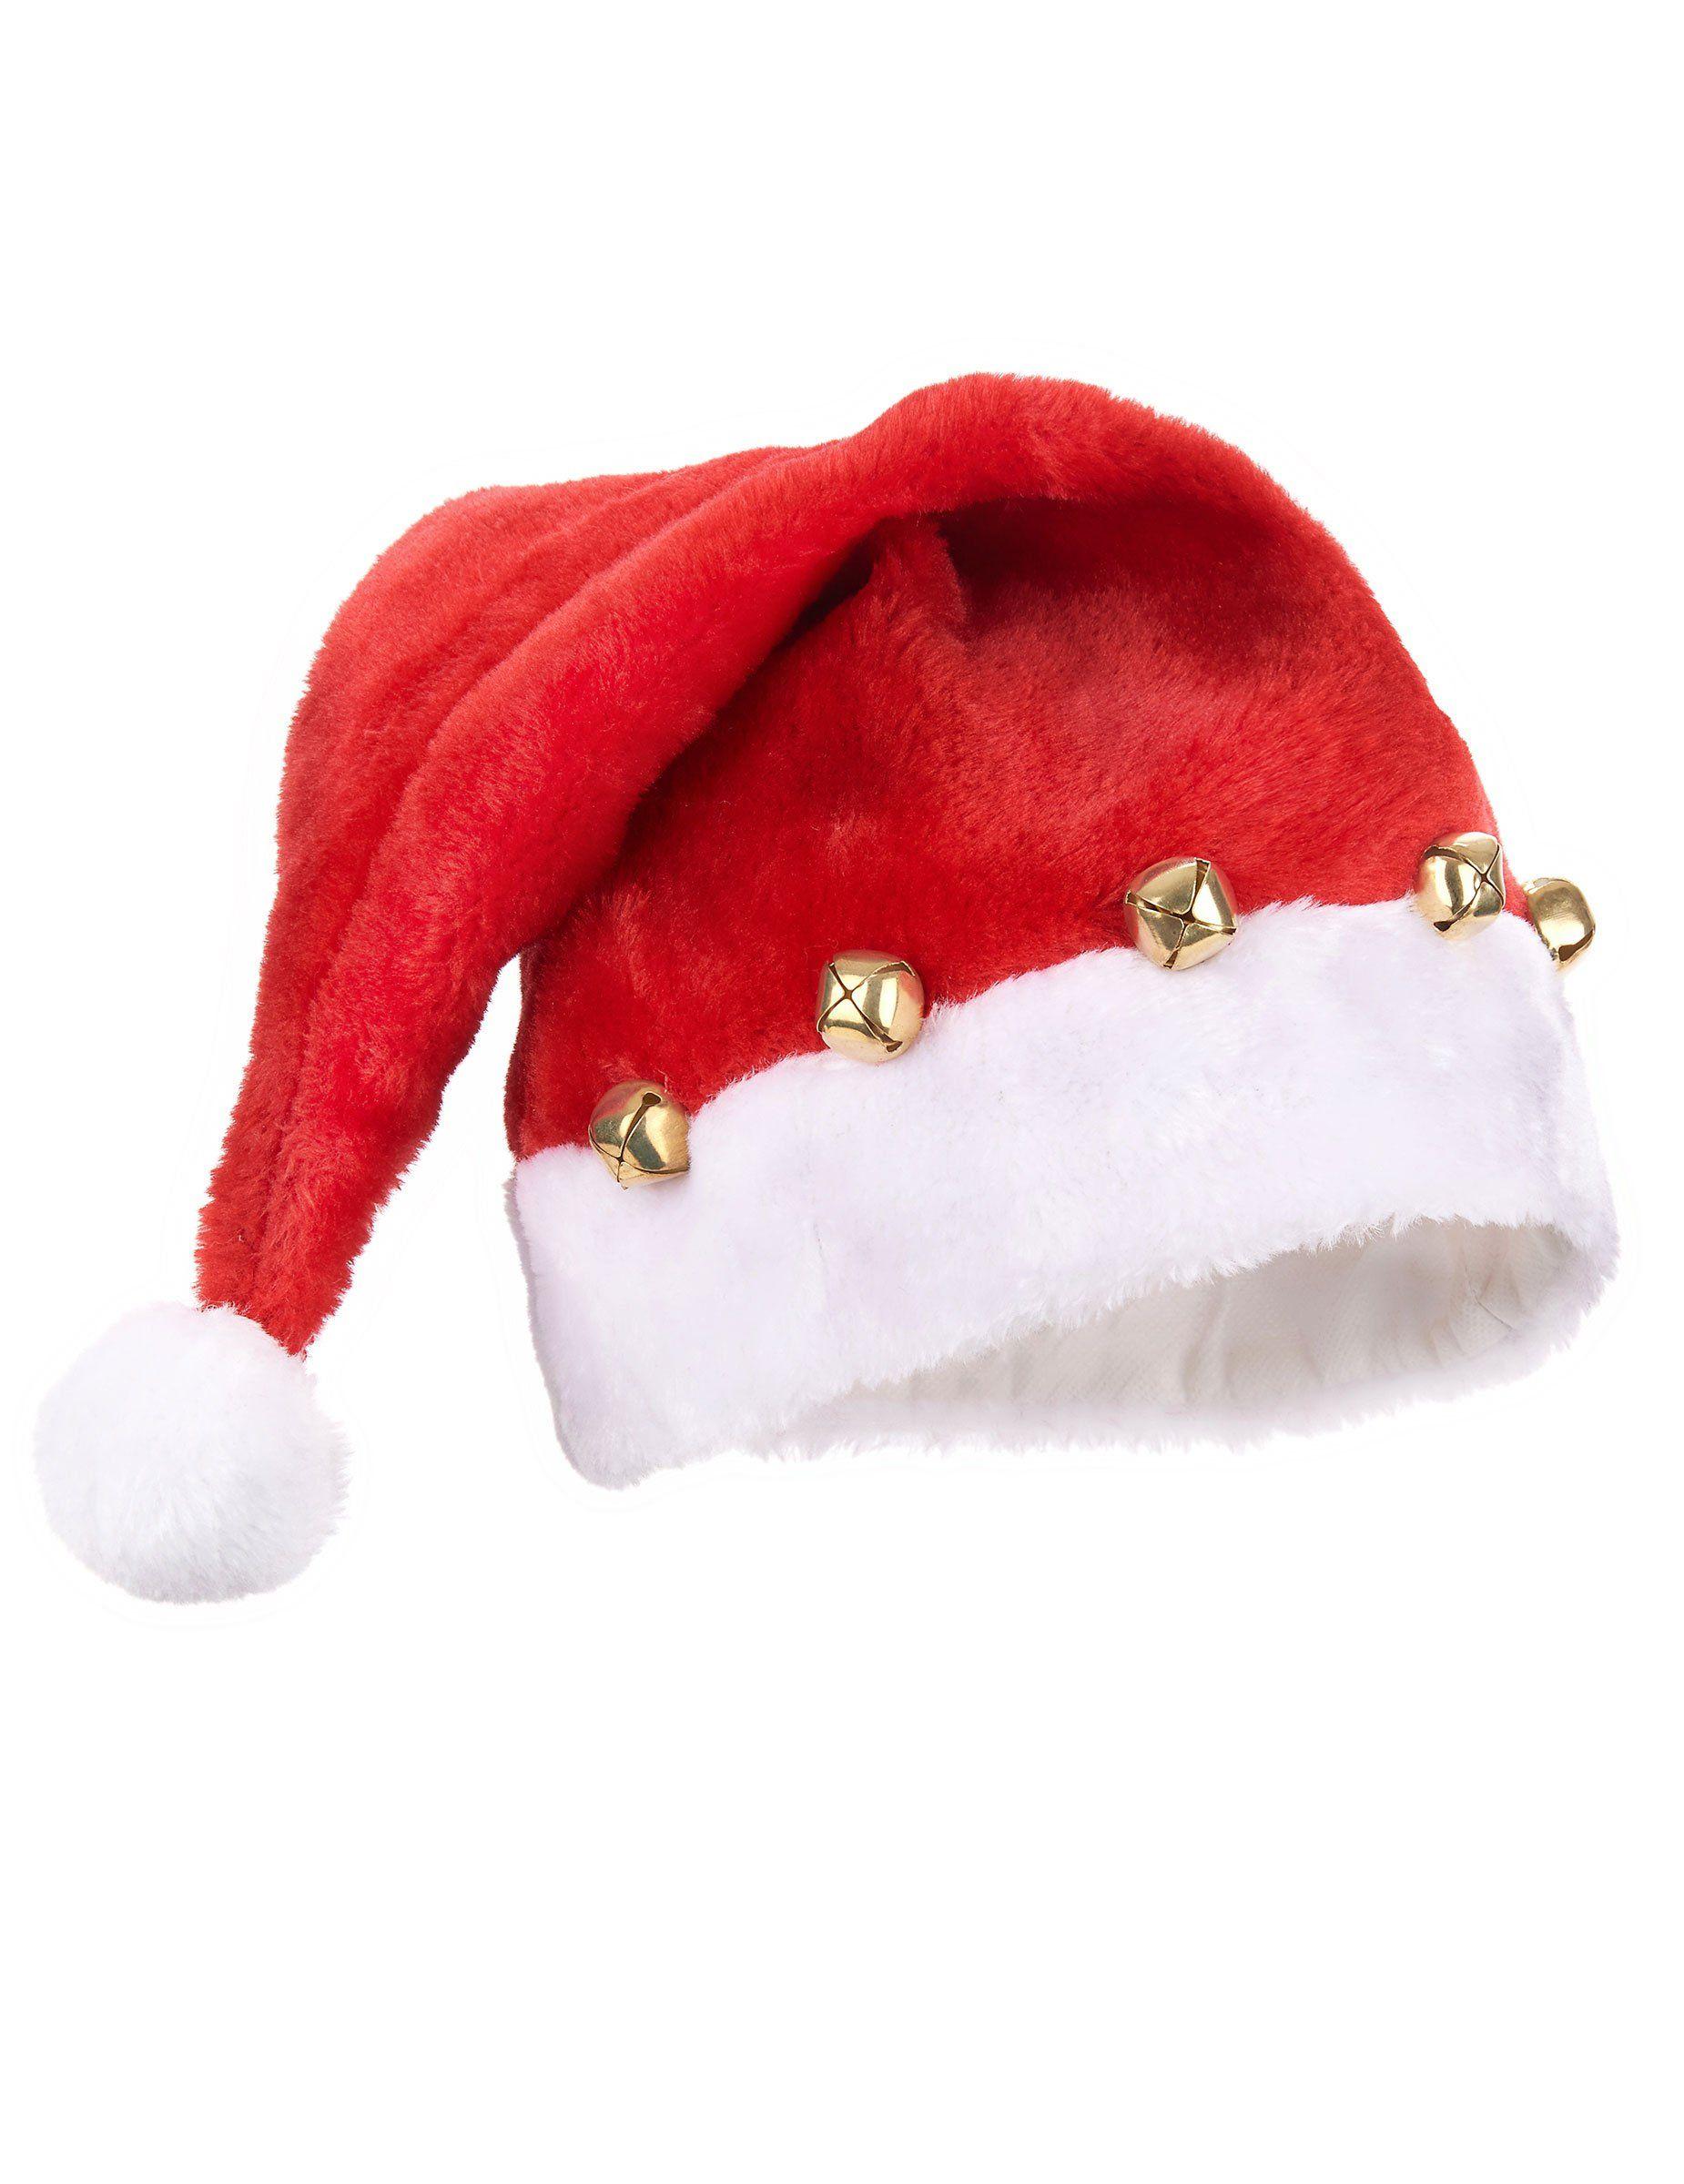 9a01ebefb8278 Gorro de Papá Noel con cascabeles Gorros Navideños Para Niños